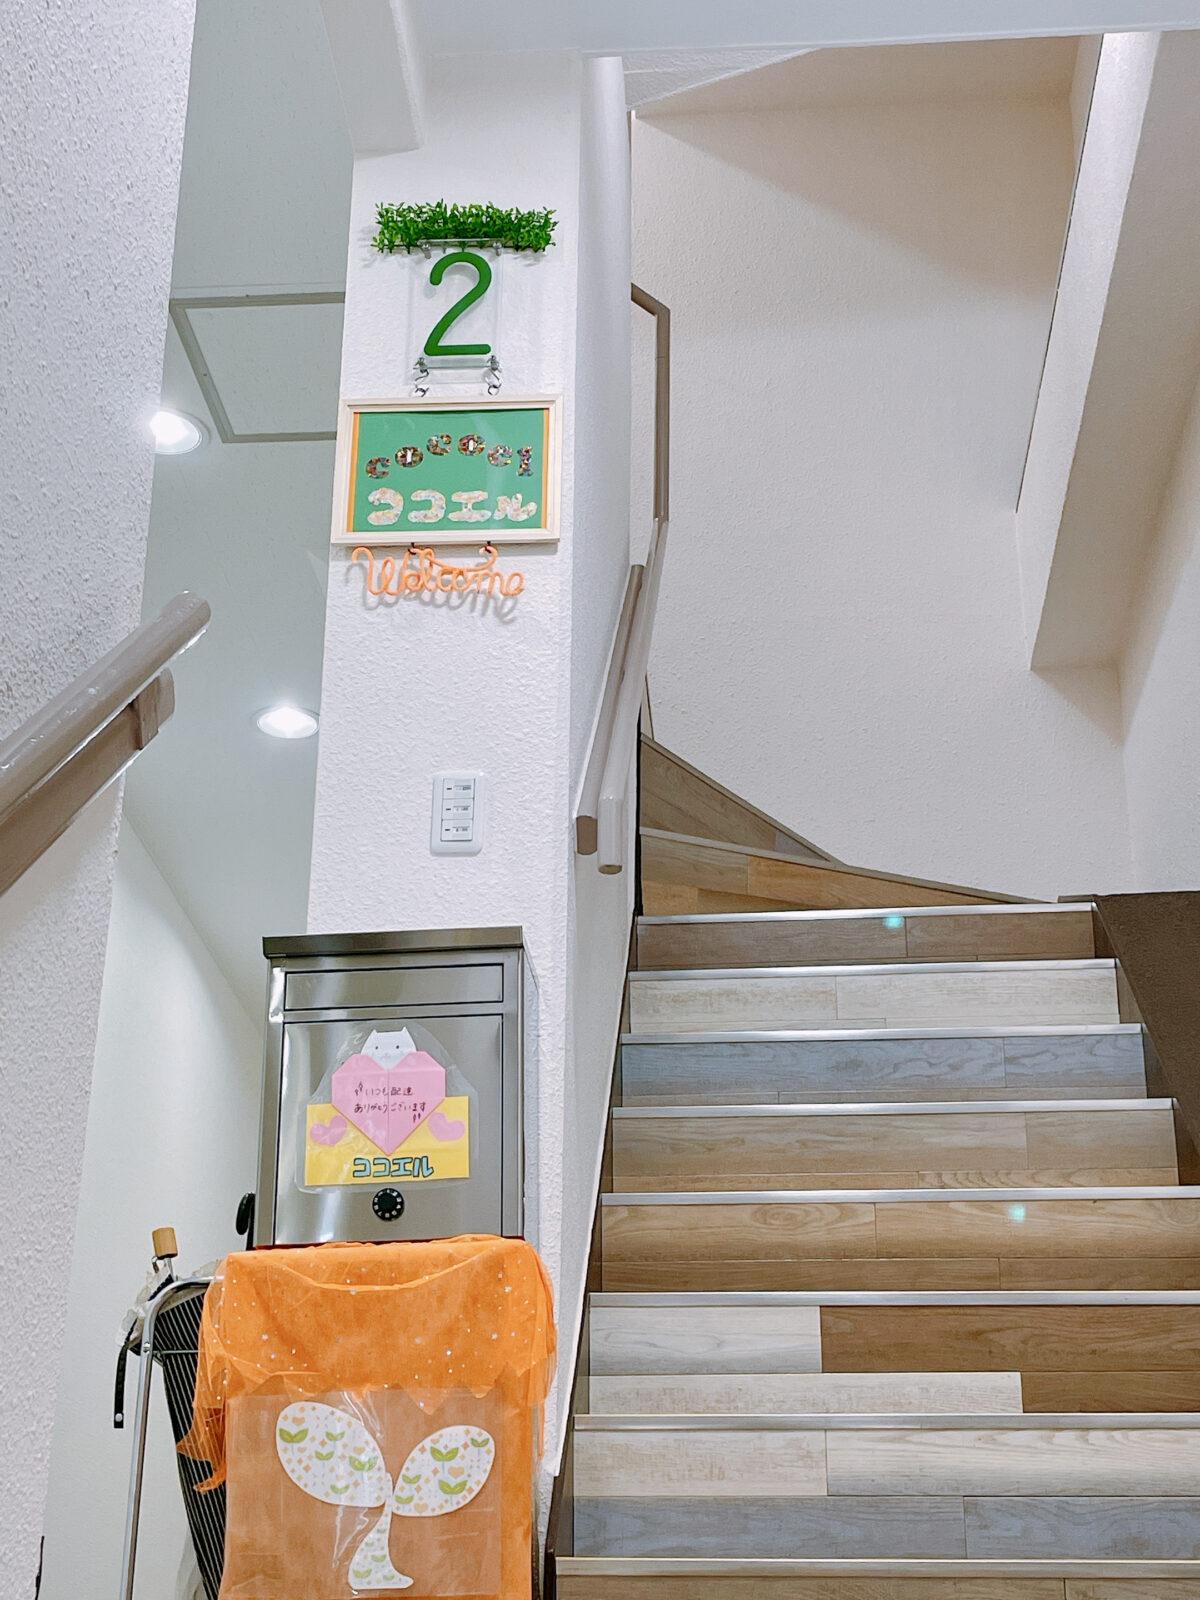 【祝オープン】堺市北区・ここで夢を叶える!就労移行支援事業所『ココエル』がオープンしましたよ: